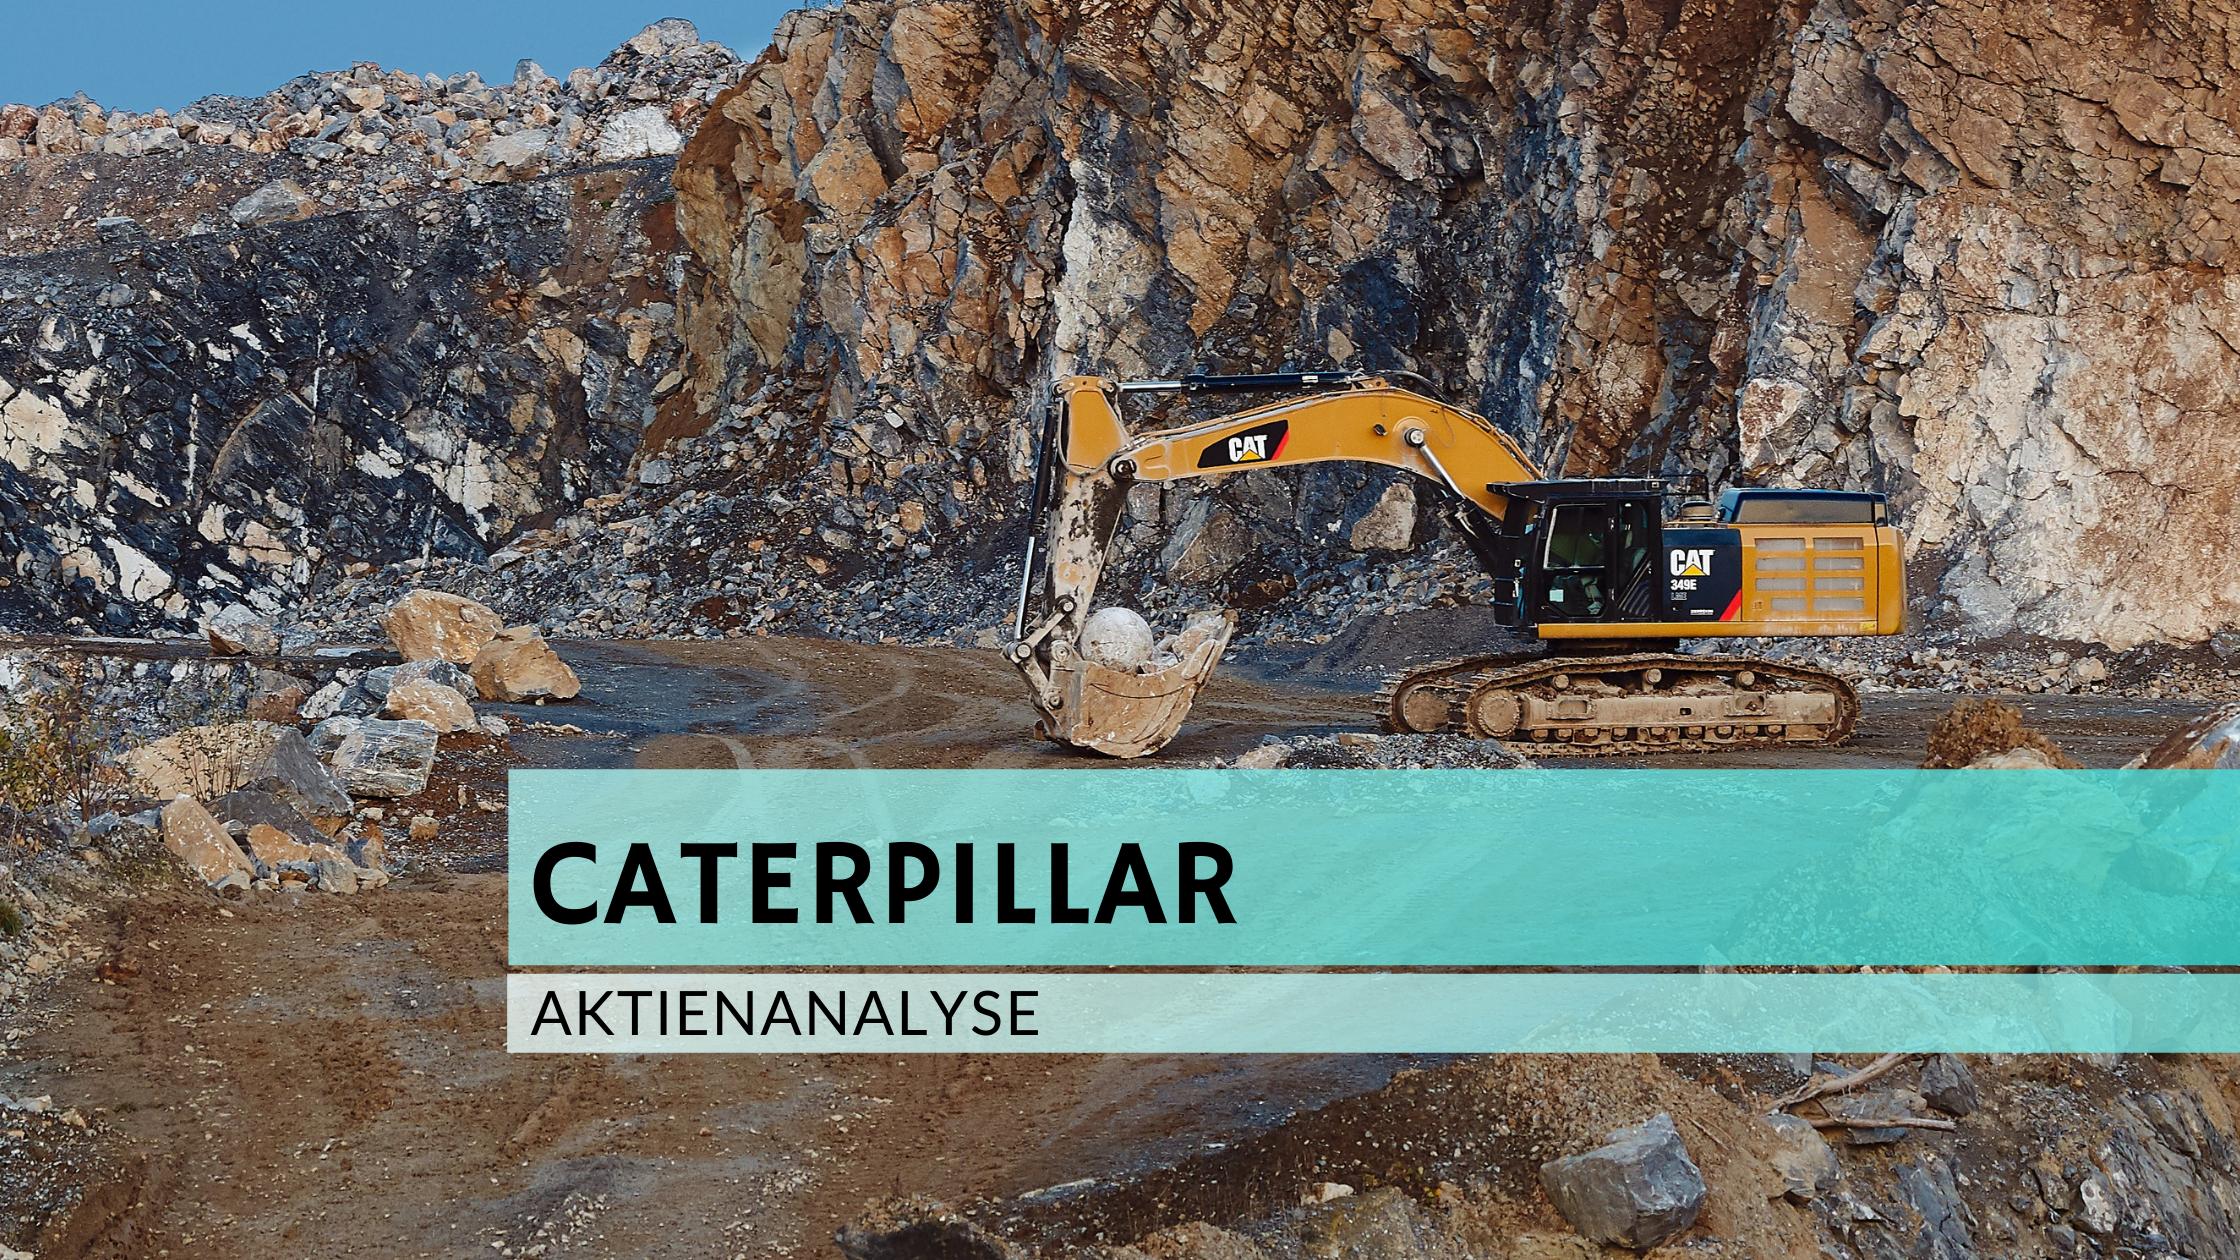 Caterpillar Aktienanalyse